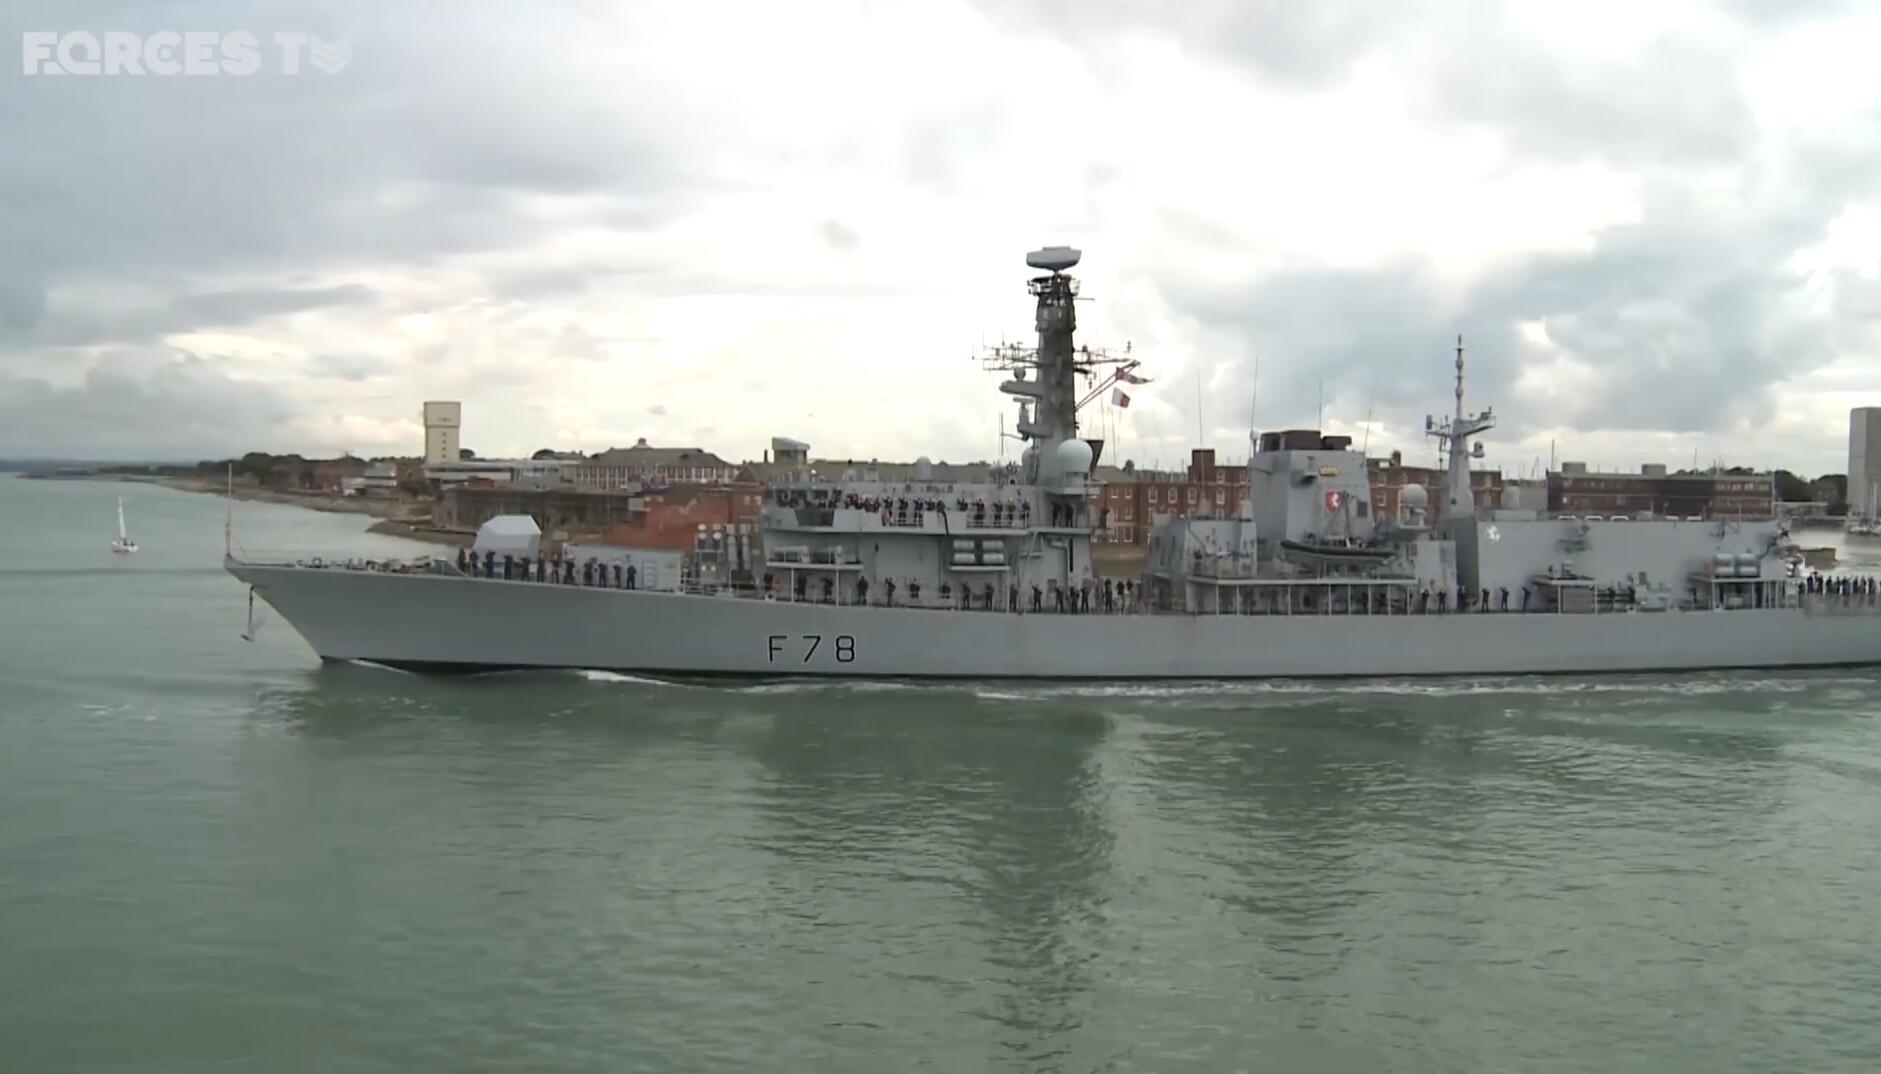 英国向波斯湾派出第3艘军舰 装备导弹威慑伊朗